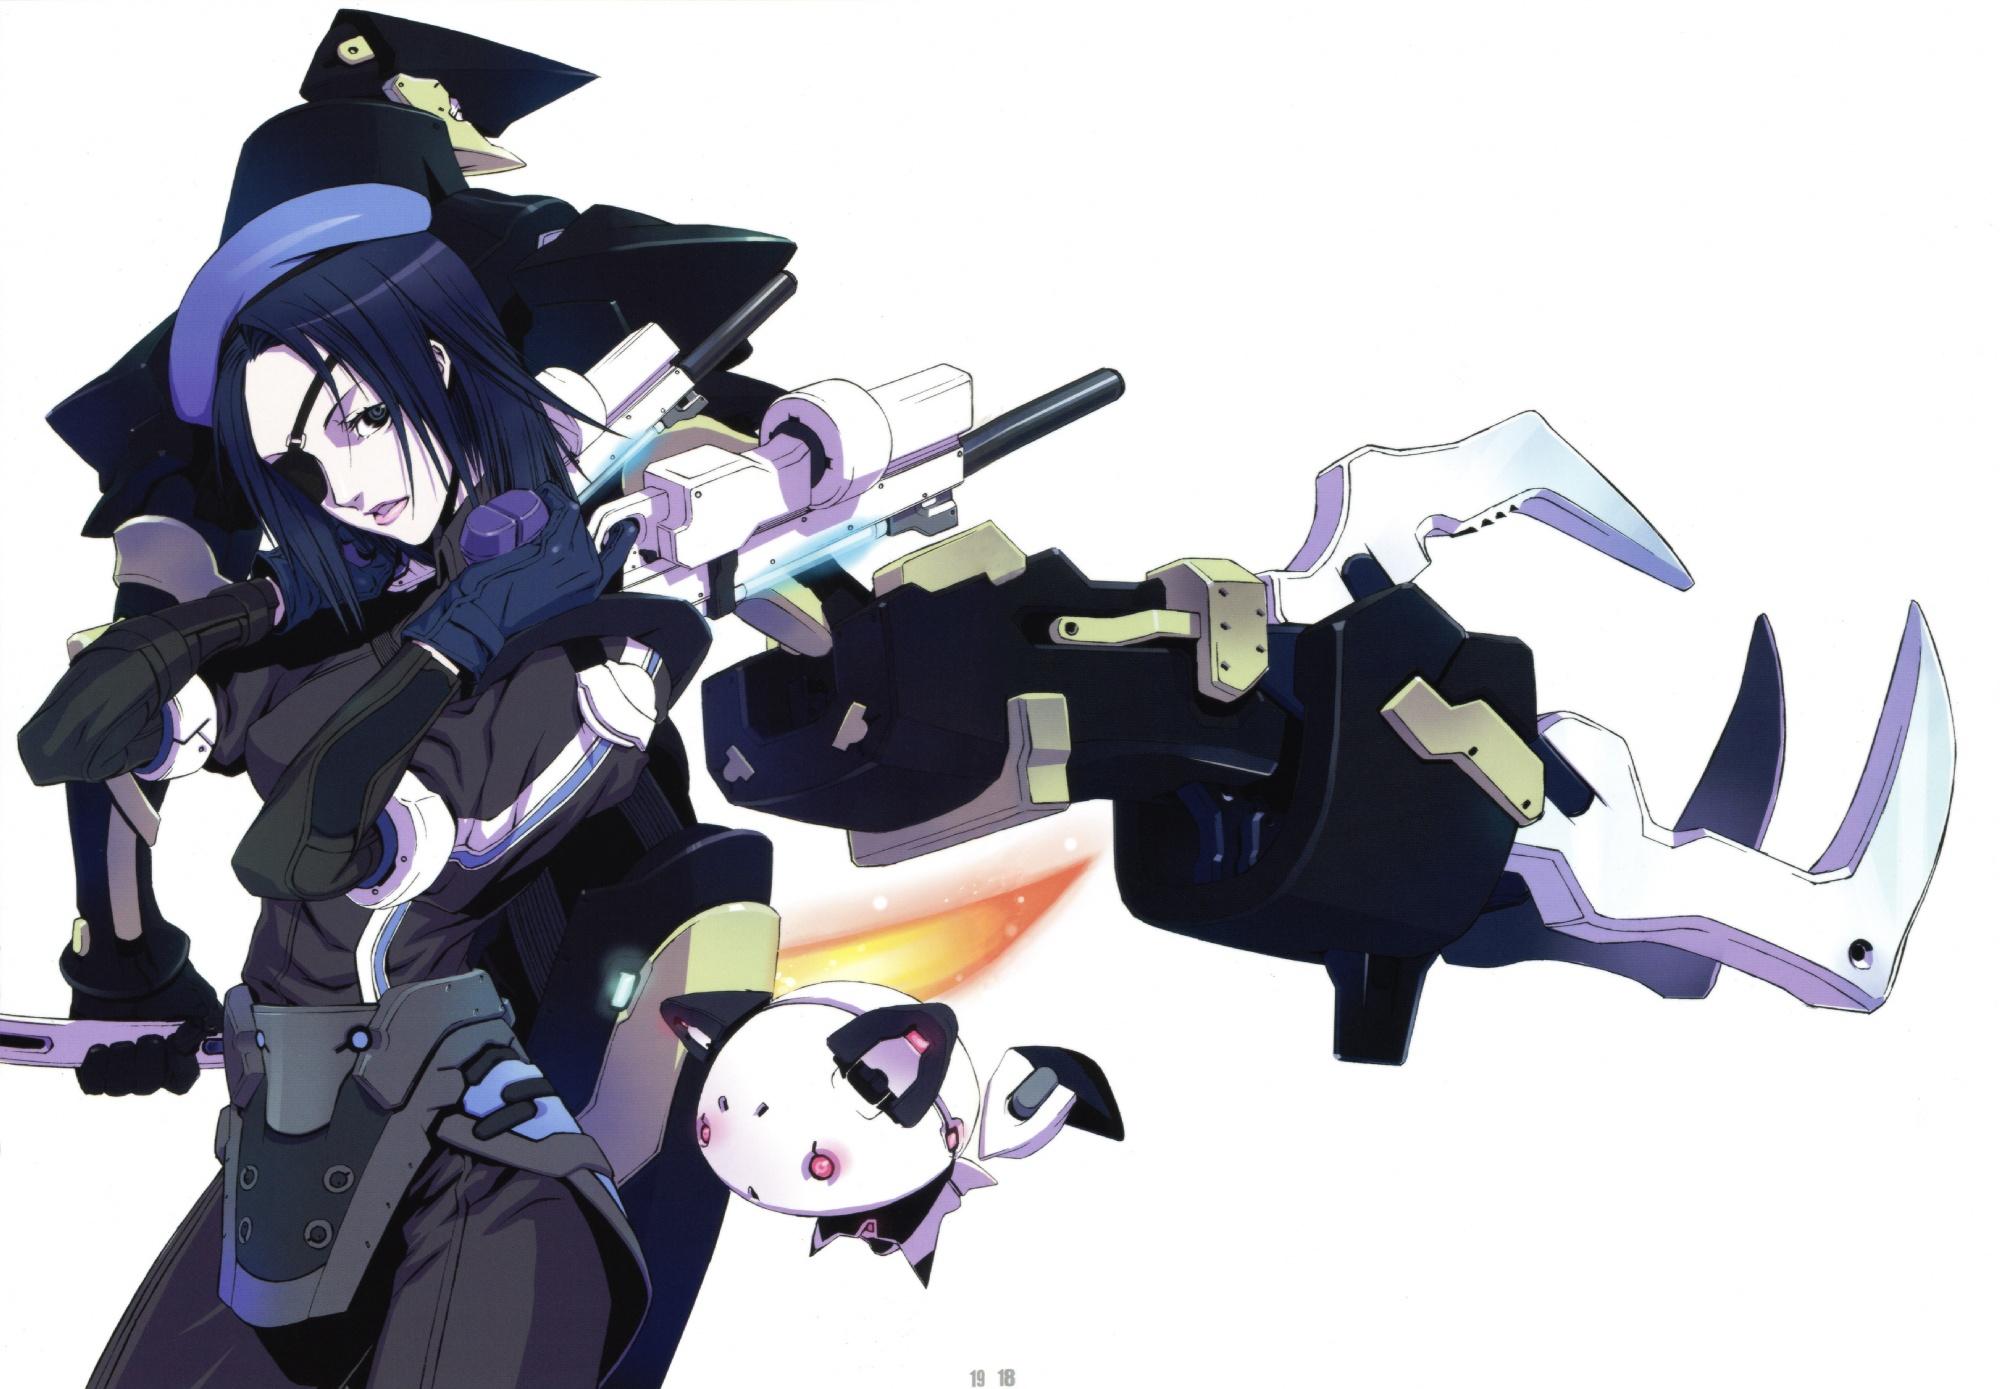 eyepatch gun hat sword tagme weapon